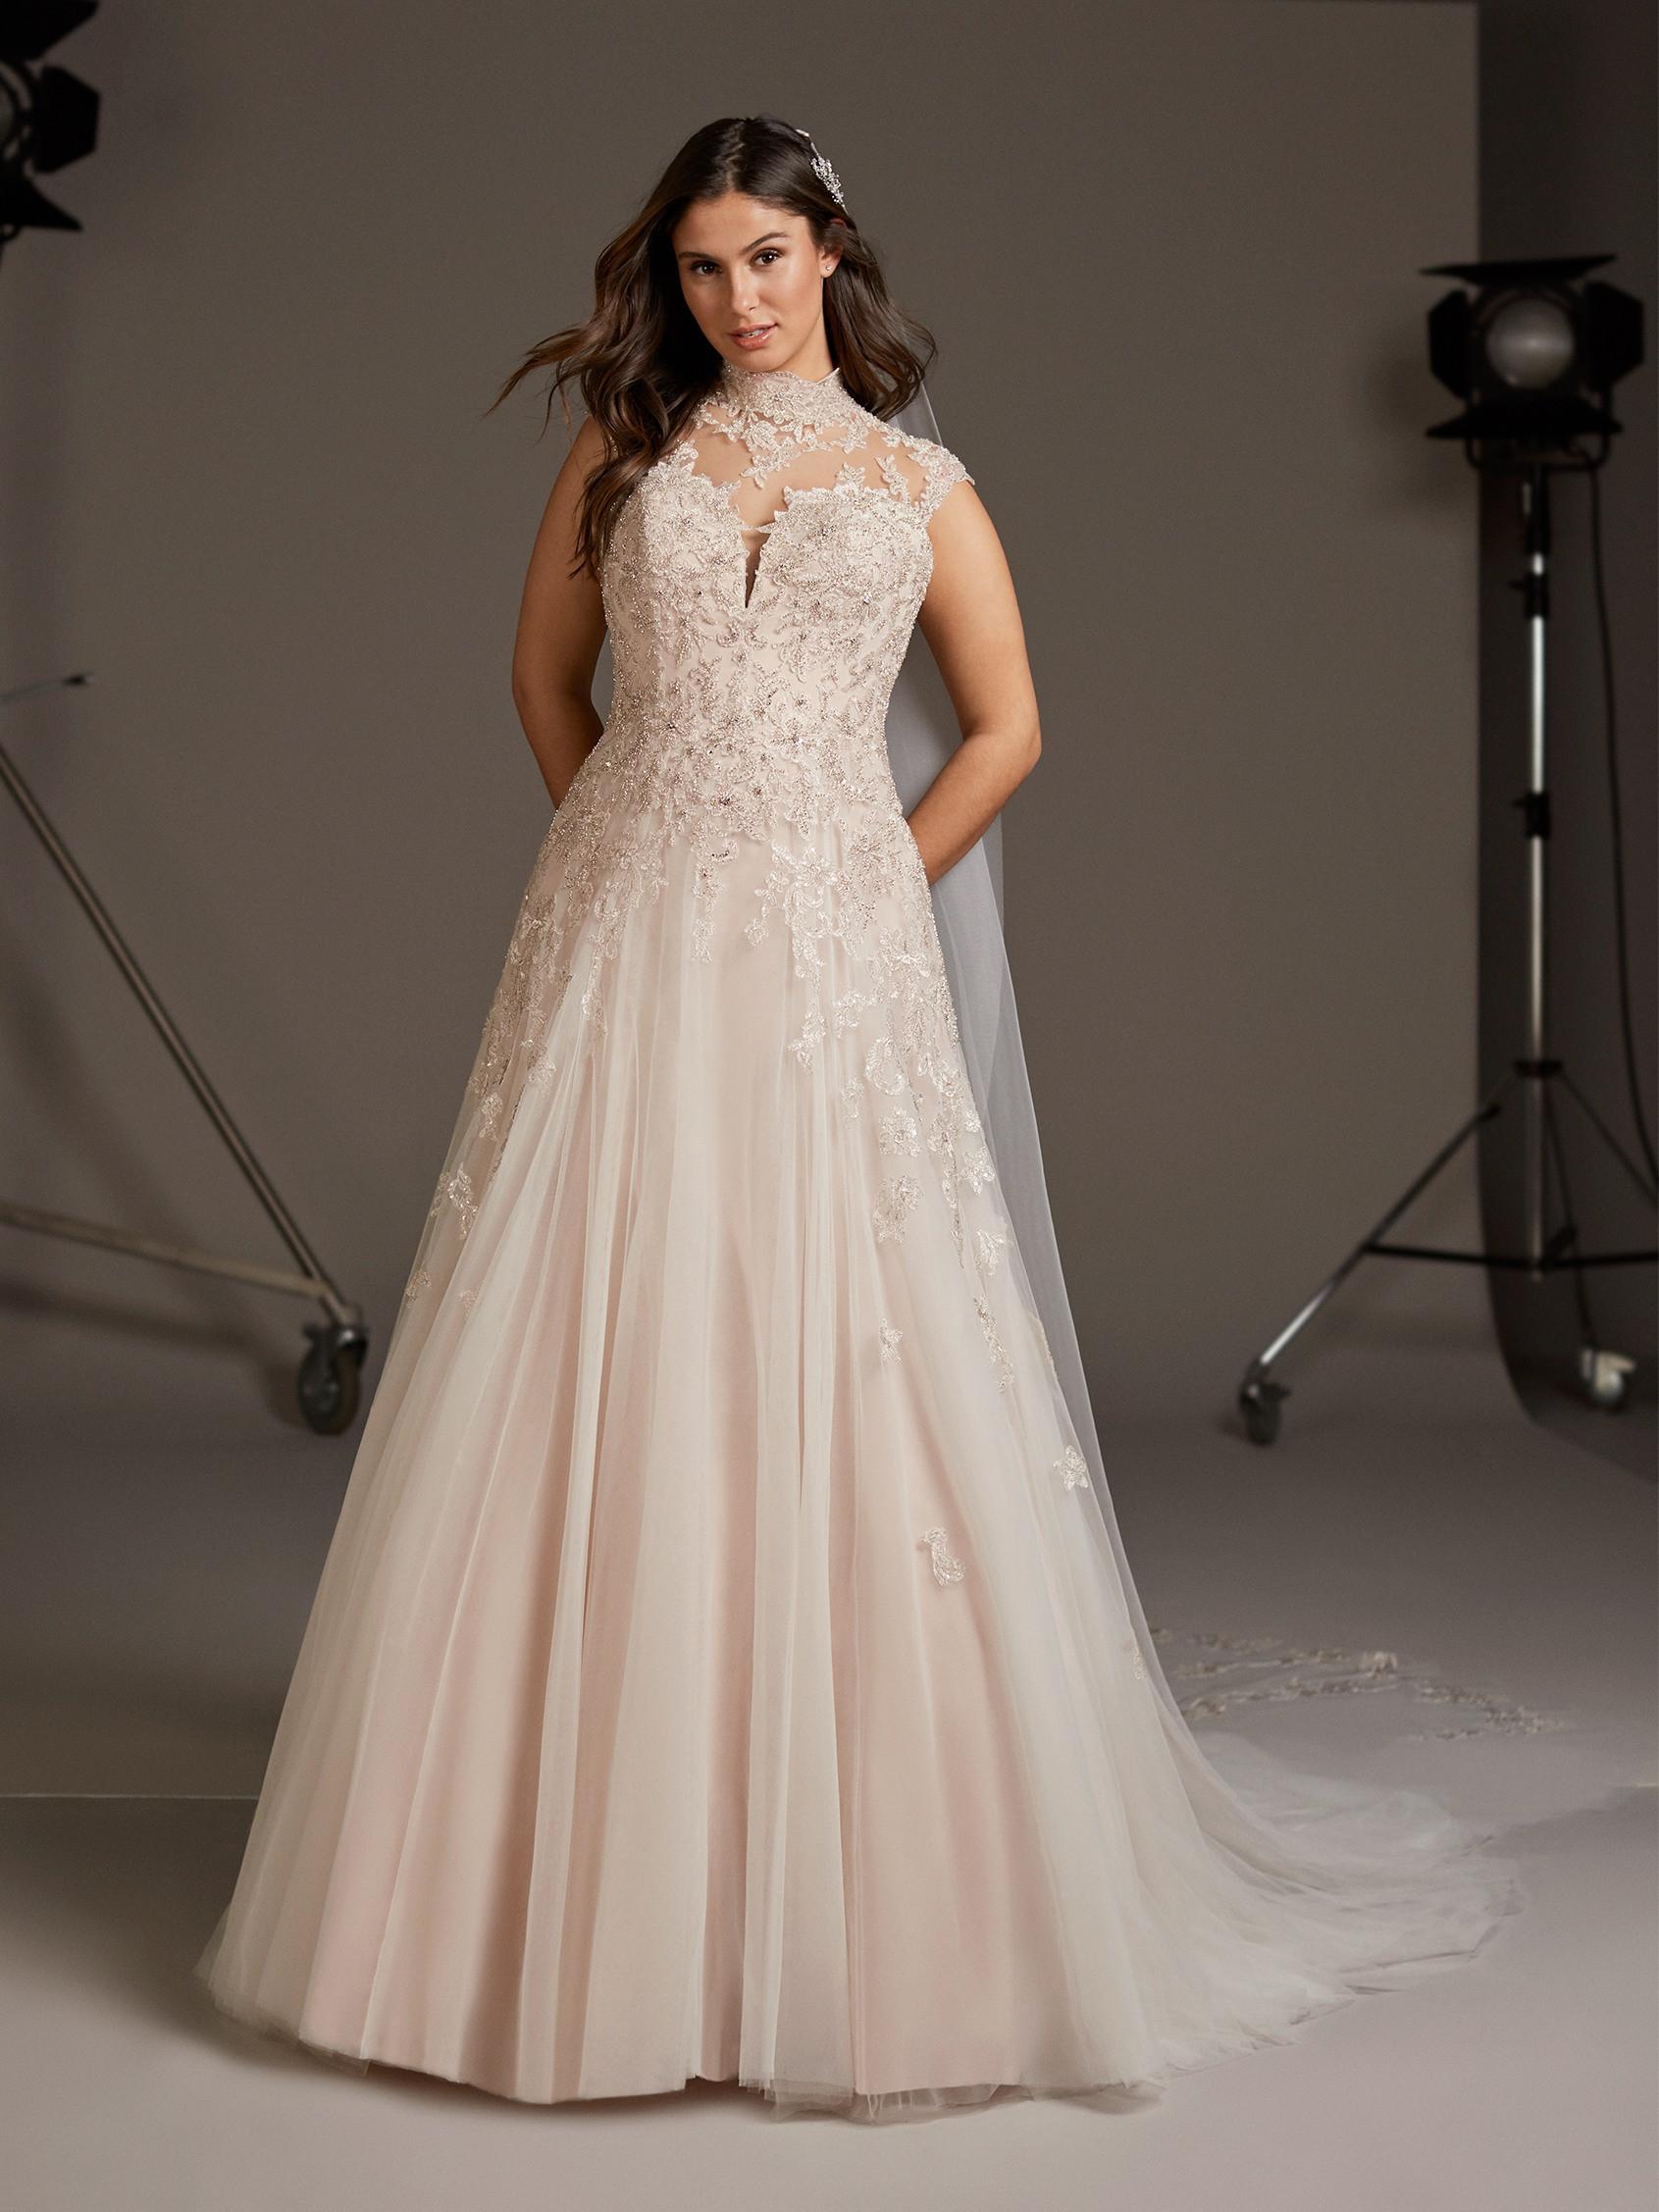 afe6a2d133 Vestiti da sposa 2020: tendenze | DireDonna